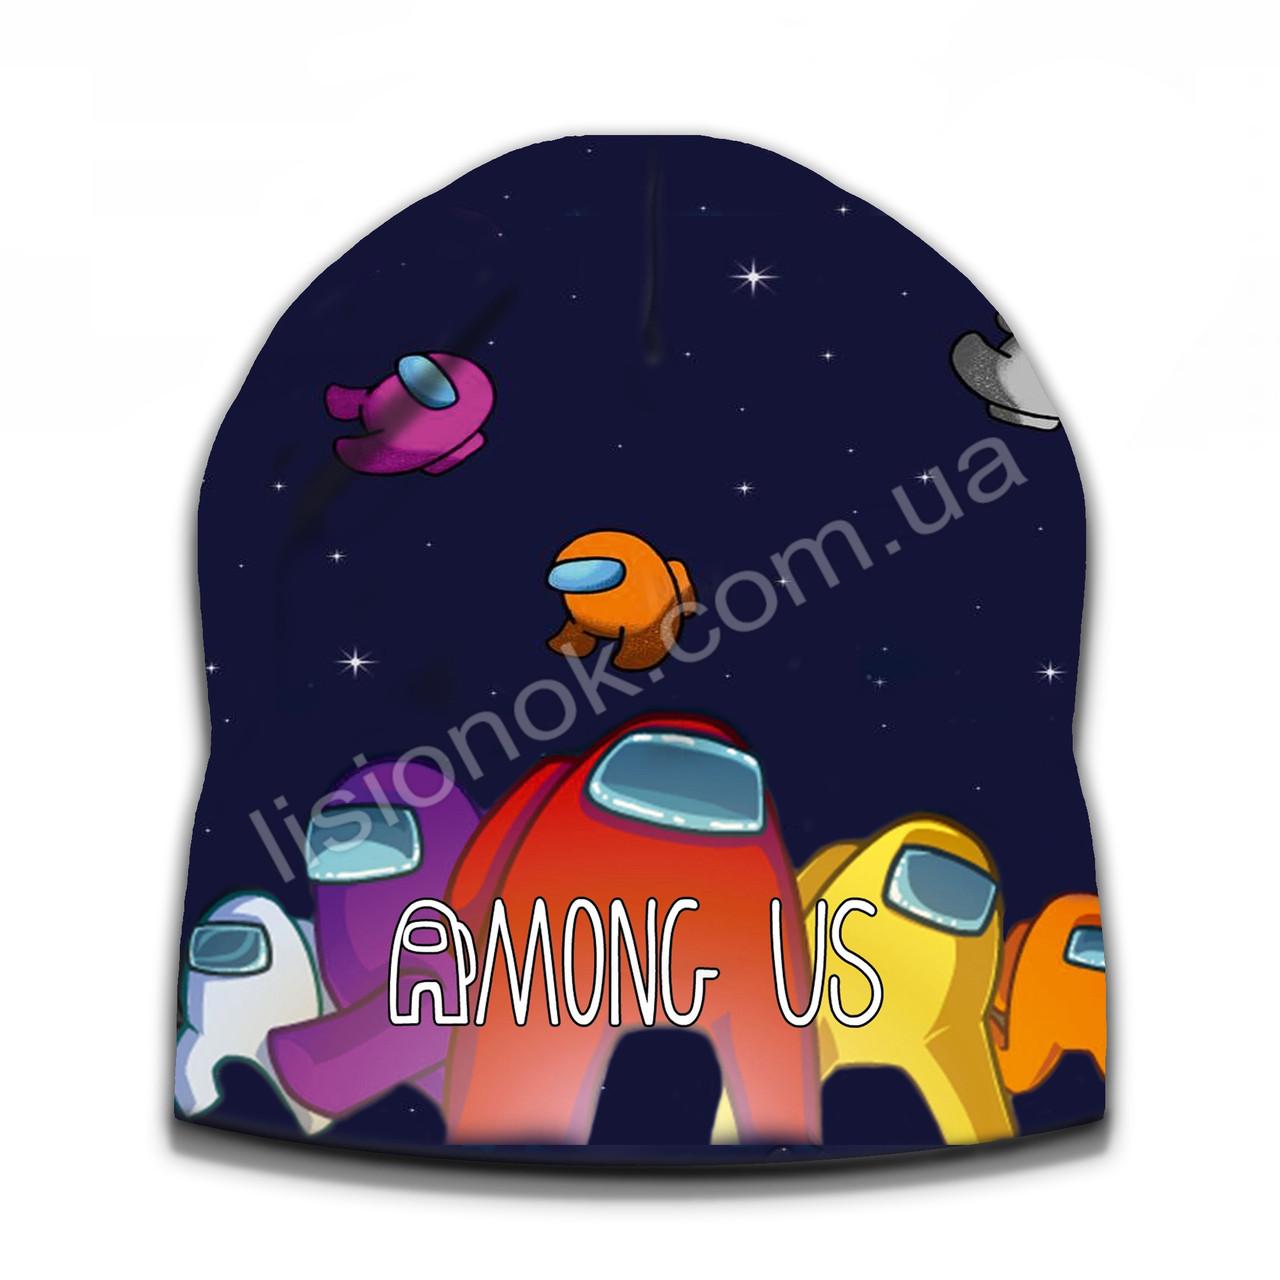 Демисезонная шапка Амонг Ас, размер универсальный (52-56см) двухслойная шапка Among Us